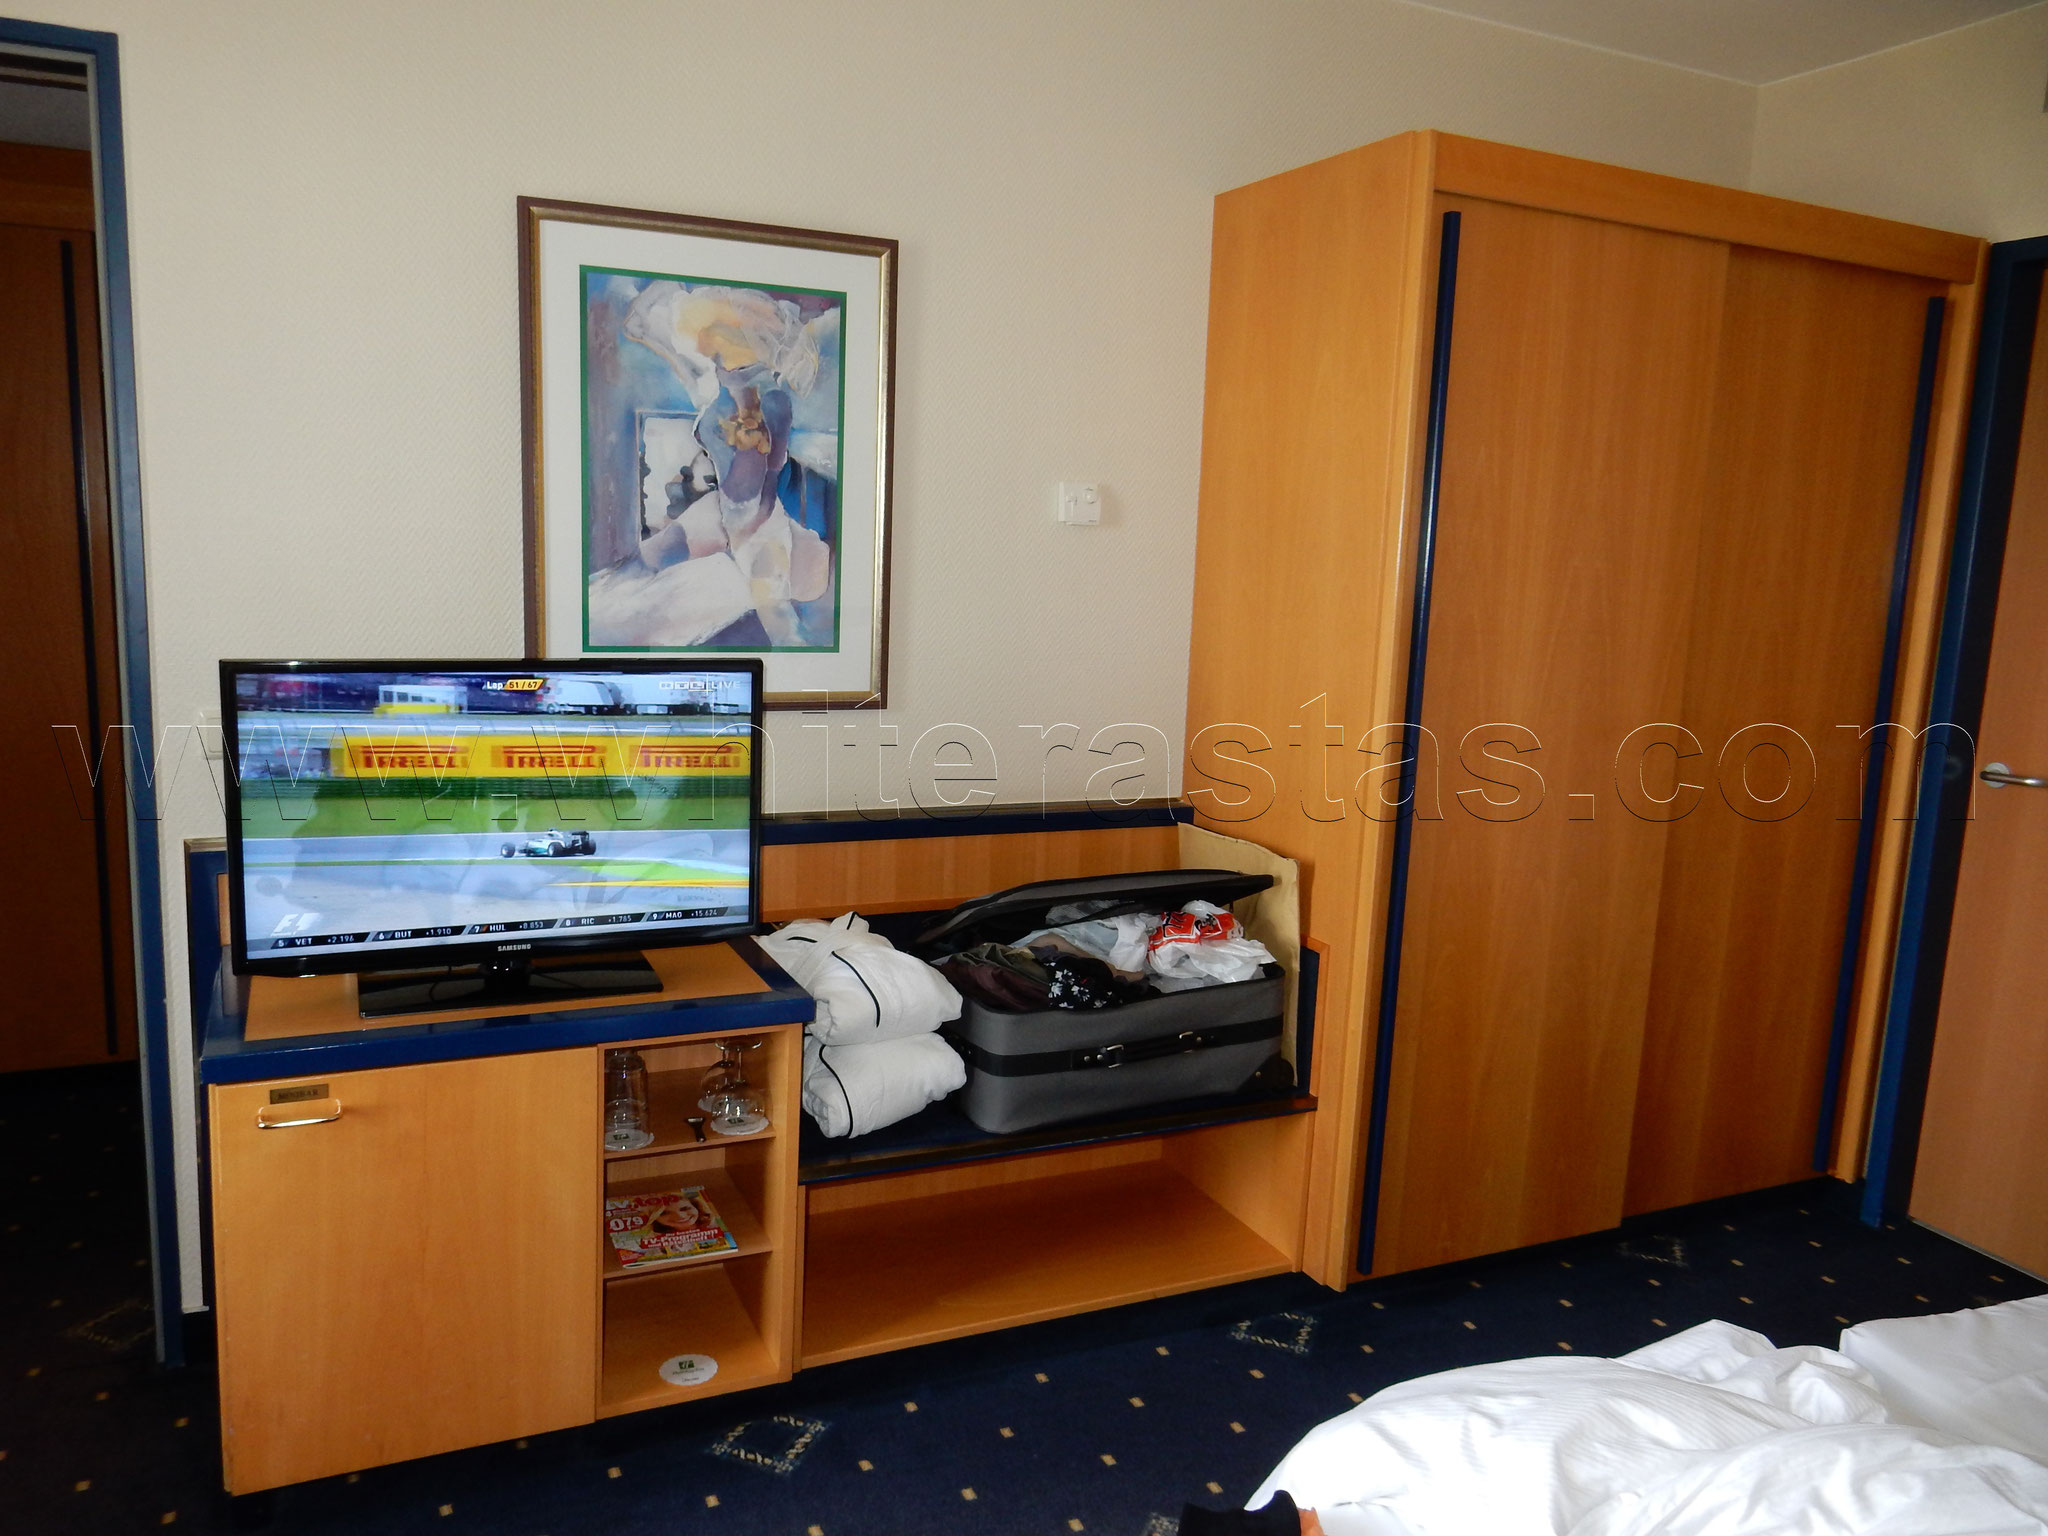 Holiday Inn: Blick vom Bett ins Zimmer